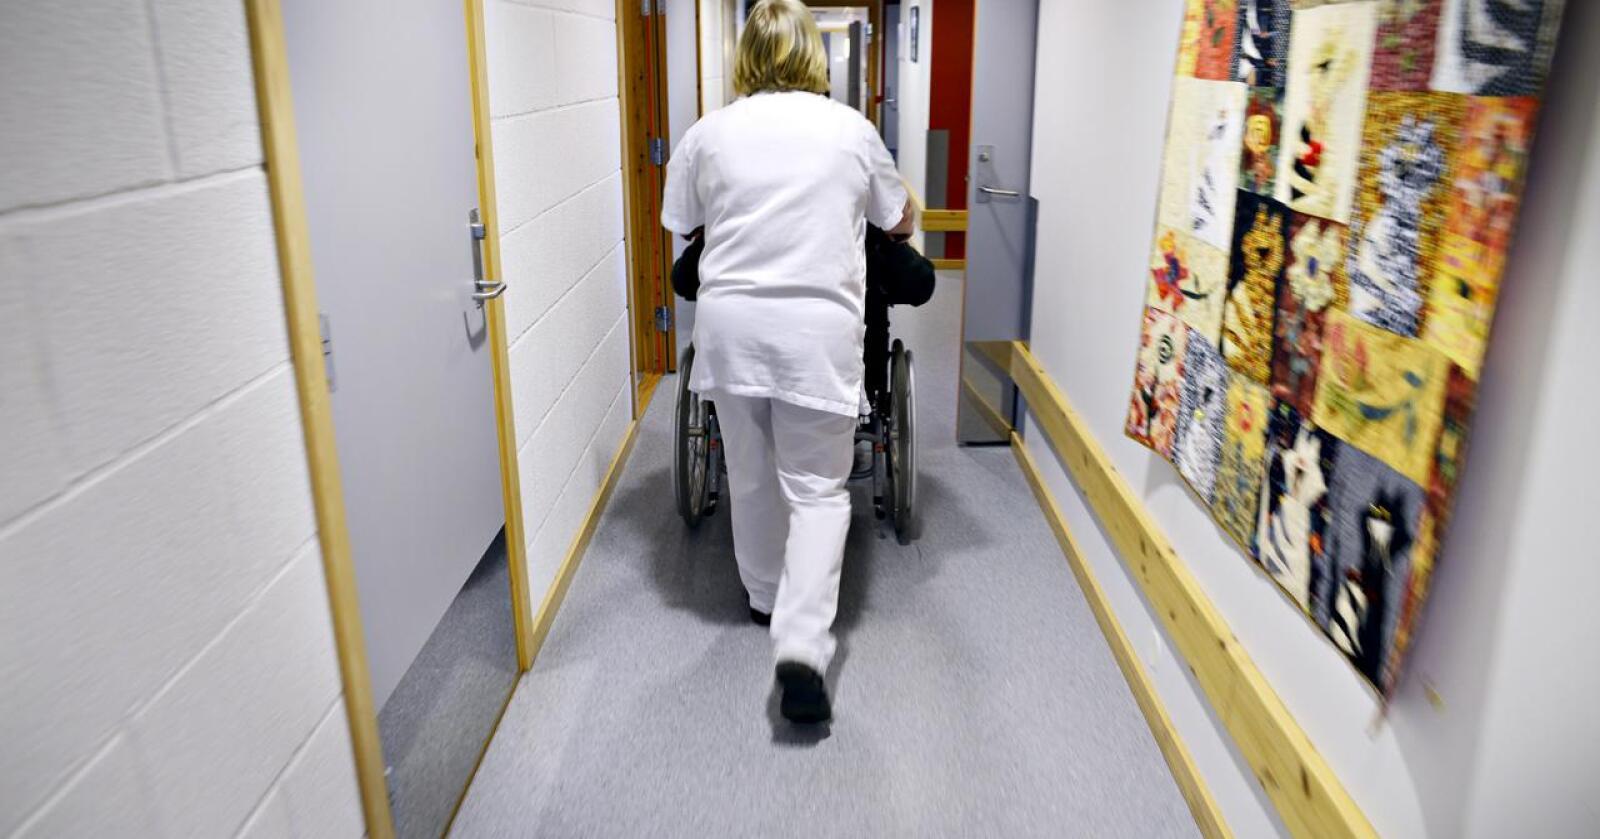 Dårlig signal: Intensjonene ved å kartlegge sykepleieres arbeidsdag kan være god. Signalet det sender er imidlertid hårreisende dårlig. Foto: Mariann Tvete